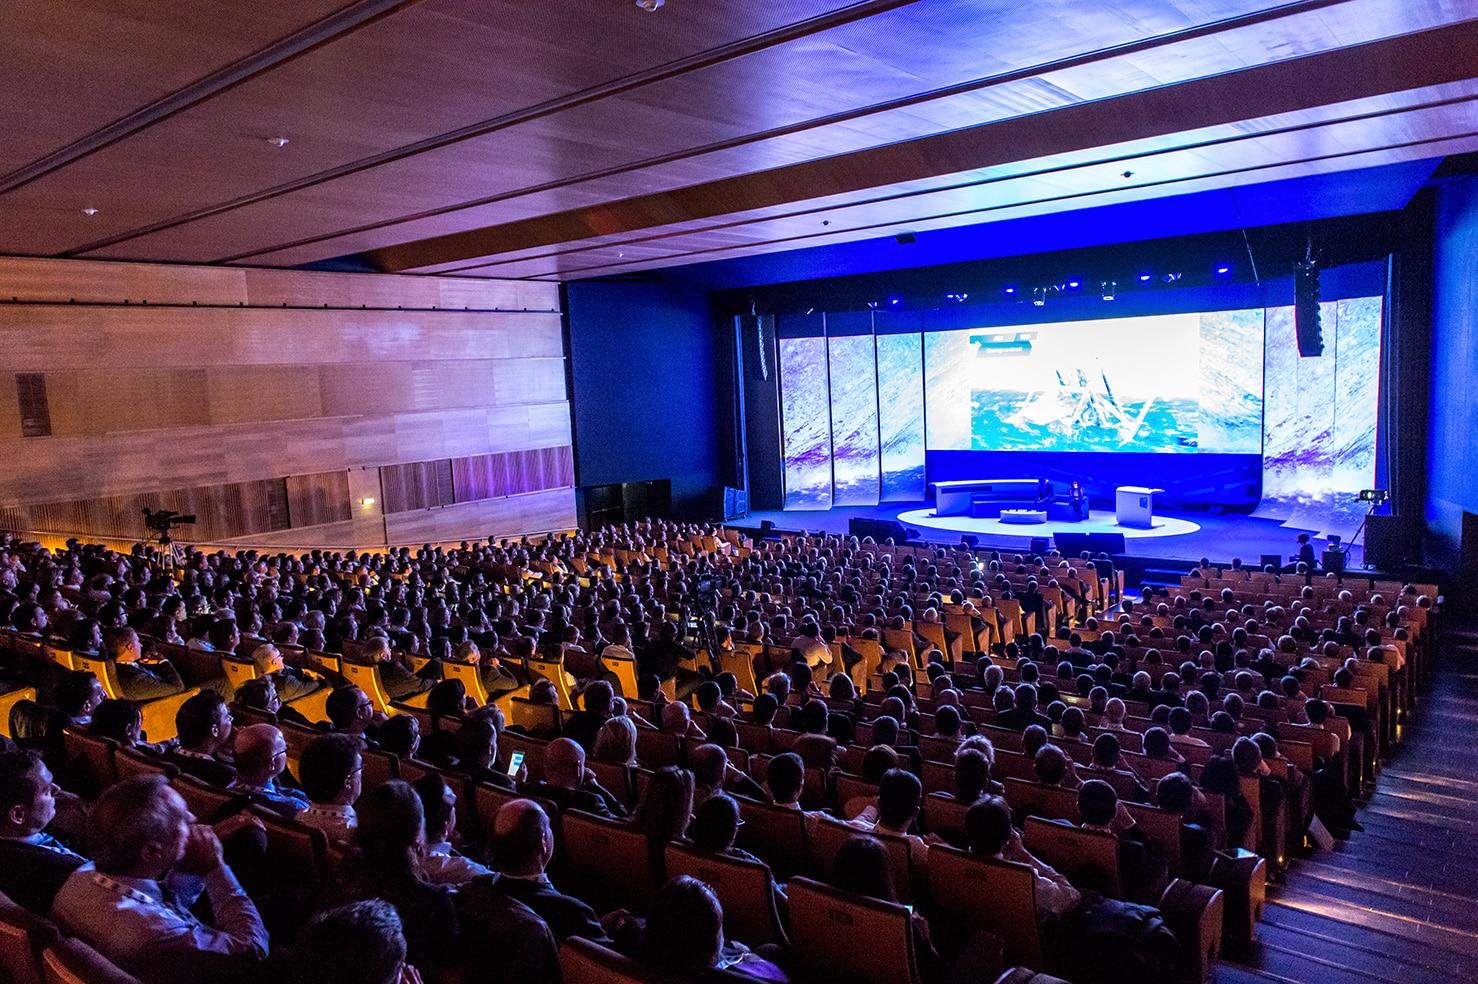 Auditorium 800 La Cité des Congrès de Nantes convention congrès événement